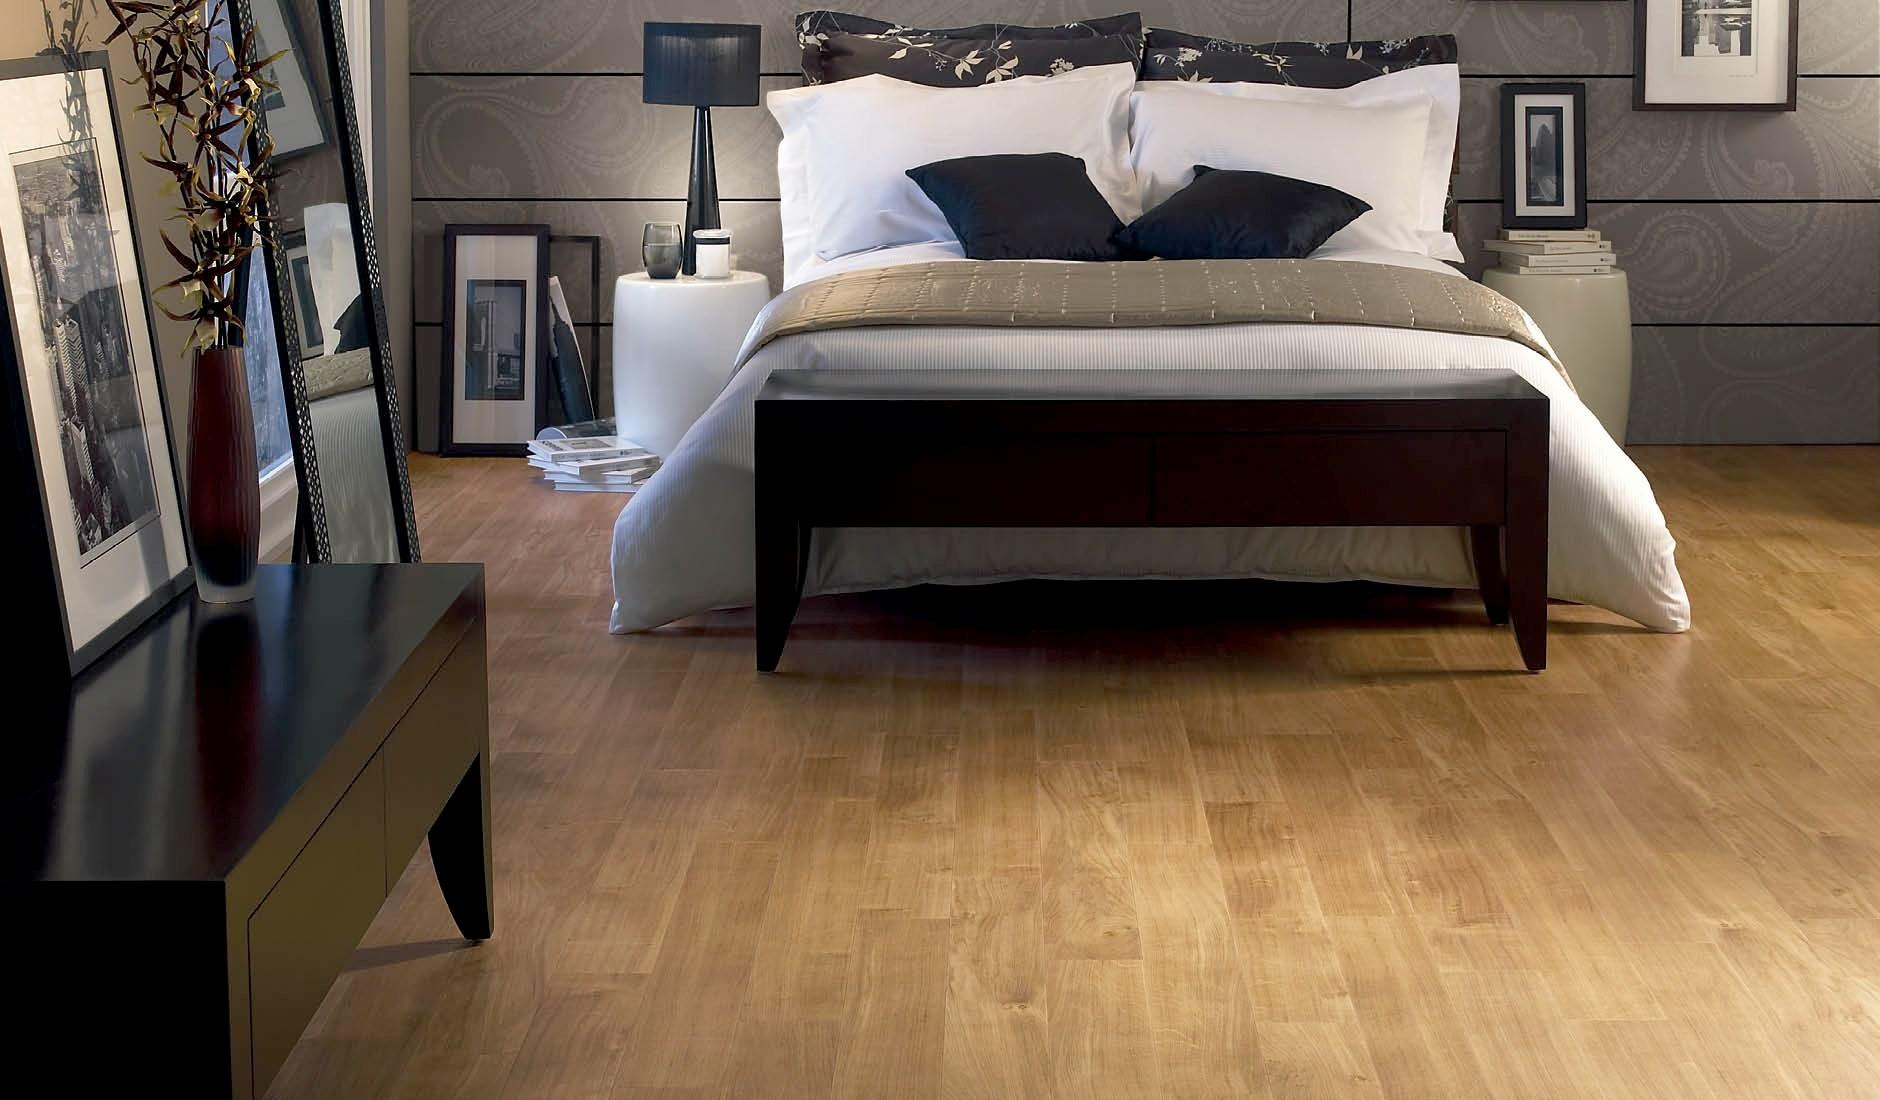 hardwood floors in bedroom home decorating bedroom wooden floor design wonderful decorate wood flooring golden CJSBRIK